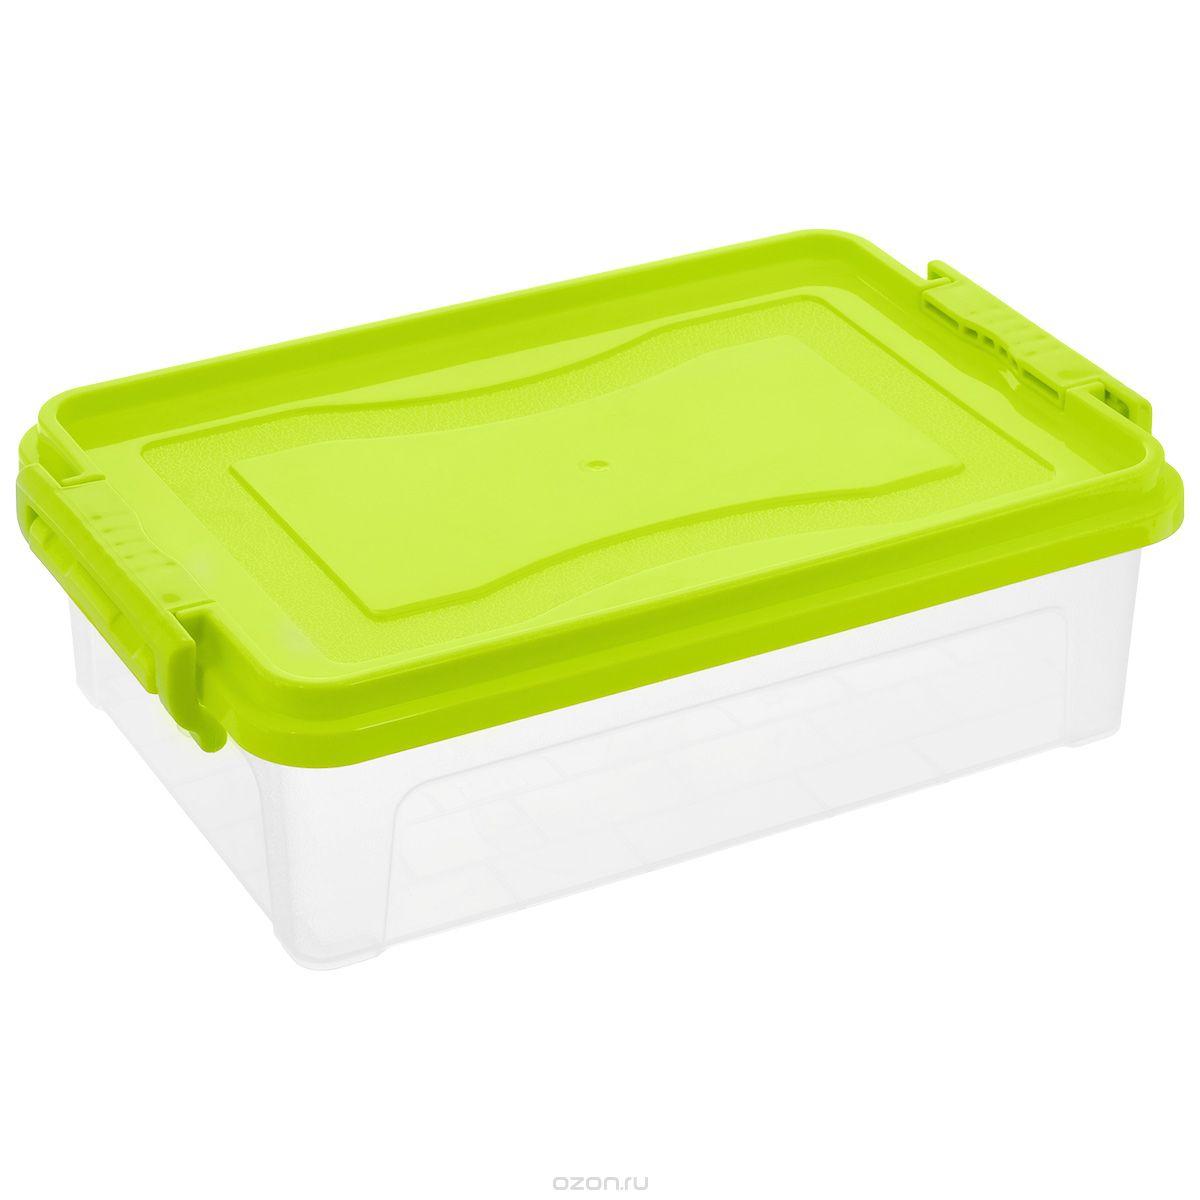 Контейнер для хранения Idea, прямоугольный, цвет: прозрачный, салатовый, 10,5 лМ 2862_прозрачный, салатовыйКонтейнер для хранения Idea выполнен из высококачественного полипропилена. Контейнер снабжен двумя пластиковыми фиксаторами по бокам, придающими дополнительную надежность закрывания крышки. Вместительный контейнер позволит сохранить различные нужные вещи в порядке, а герметичная крышка предотвратит случайное открывание, защитит содержимое от пыли и грязи.